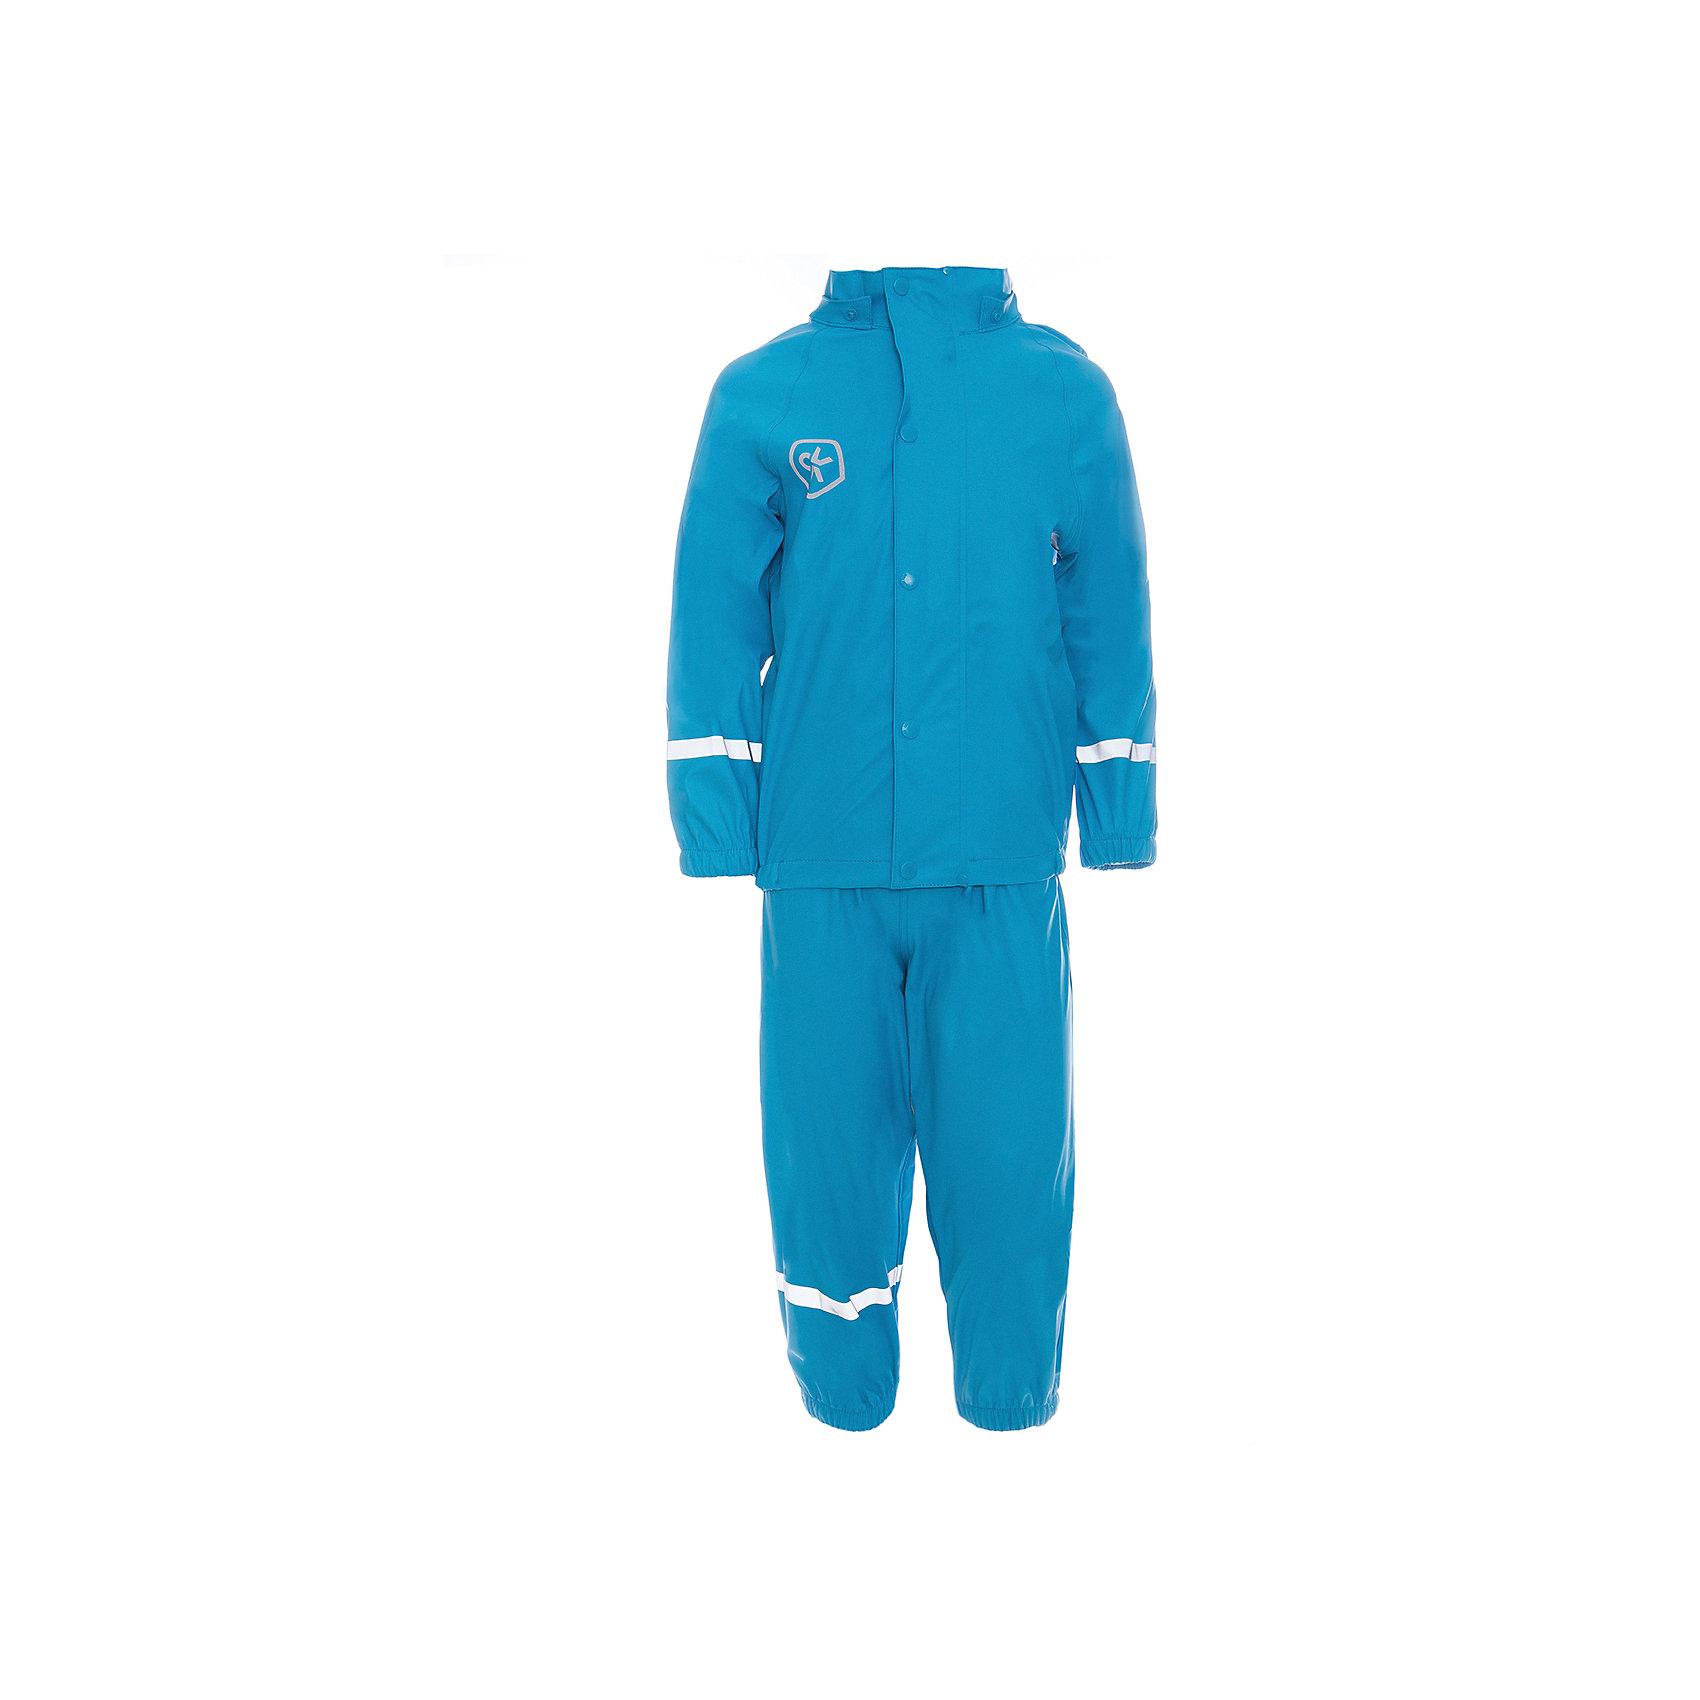 Комплект для девочки Color KidsВерхняя одежда<br>50 % полиэстер, 50 % polythane<br>*Все швы сварные<br>*Водонепроницаемый<br>*Ветрозащитный<br>*Съемный капюшон<br>*Светоотражающие детали<br>*Защита для подбородка<br>*Эластичный низ куртки<br>*Штрипки<br>*Регулируемые подтяжки<br>Состав:<br>50 % полиэстер, 50 % polythane<br><br>Ширина мм: 356<br>Глубина мм: 10<br>Высота мм: 245<br>Вес г: 519<br>Цвет: голубой<br>Возраст от месяцев: 24<br>Возраст до месяцев: 36<br>Пол: Женский<br>Возраст: Детский<br>Размер: 98,104,110,116,122,128<br>SKU: 5557299